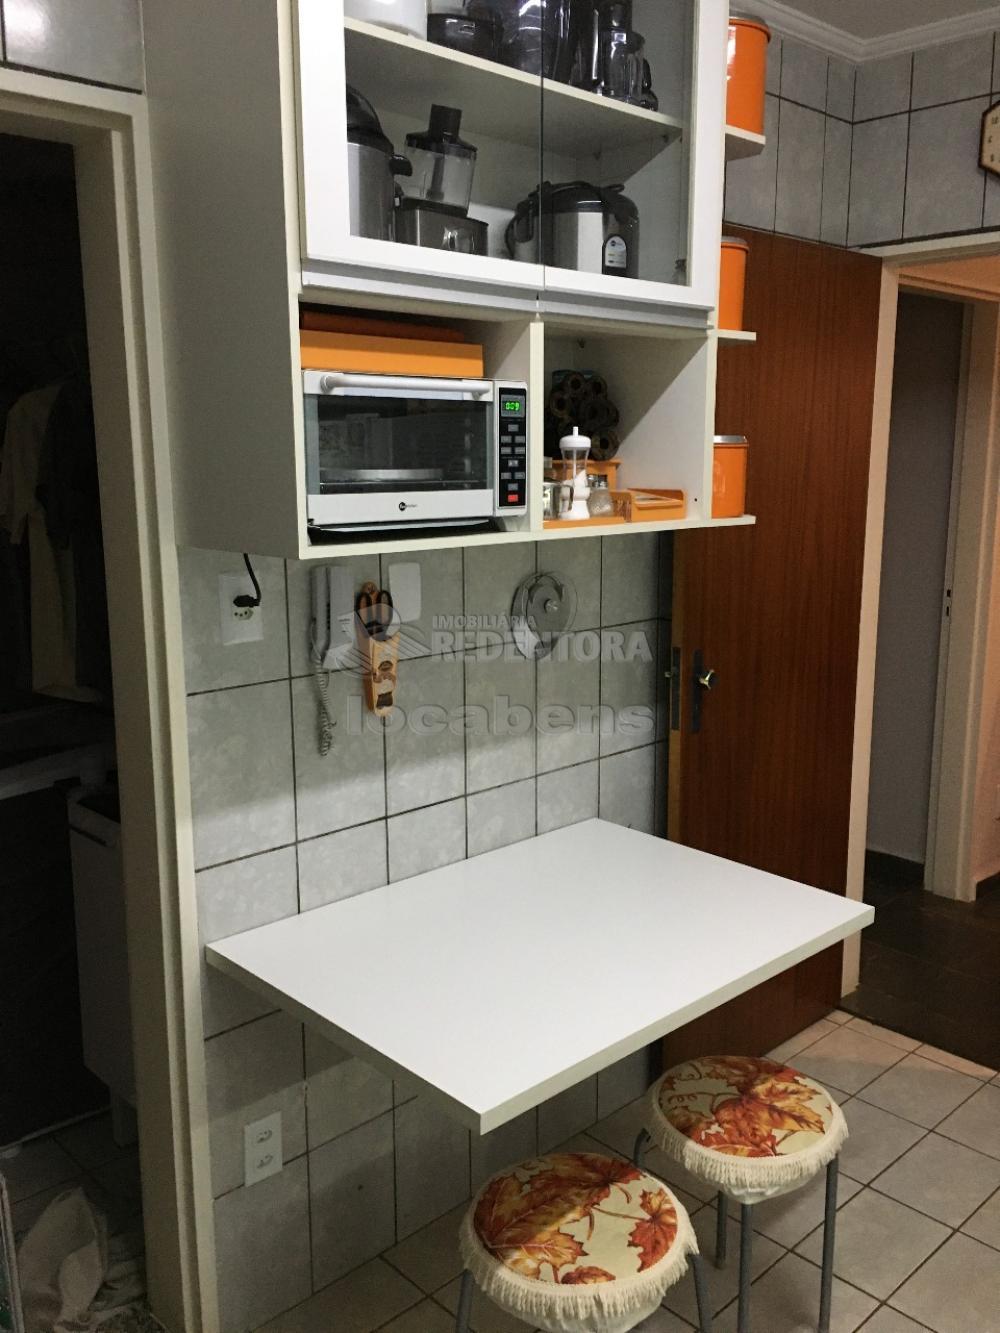 Comprar Apartamento / Padrão em São José do Rio Preto R$ 218.000,00 - Foto 28